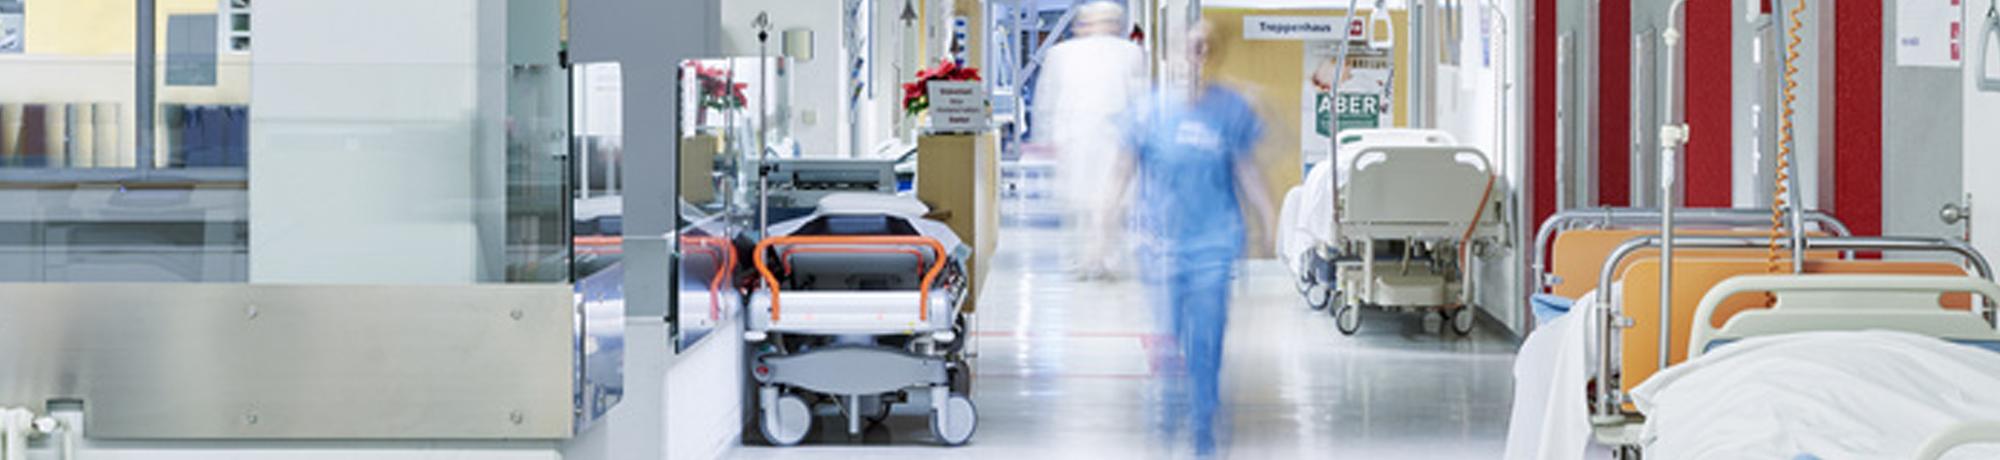 Einsatz von otris Softwarelösungen im Krankenhaus bzw. Gesundheitswesen